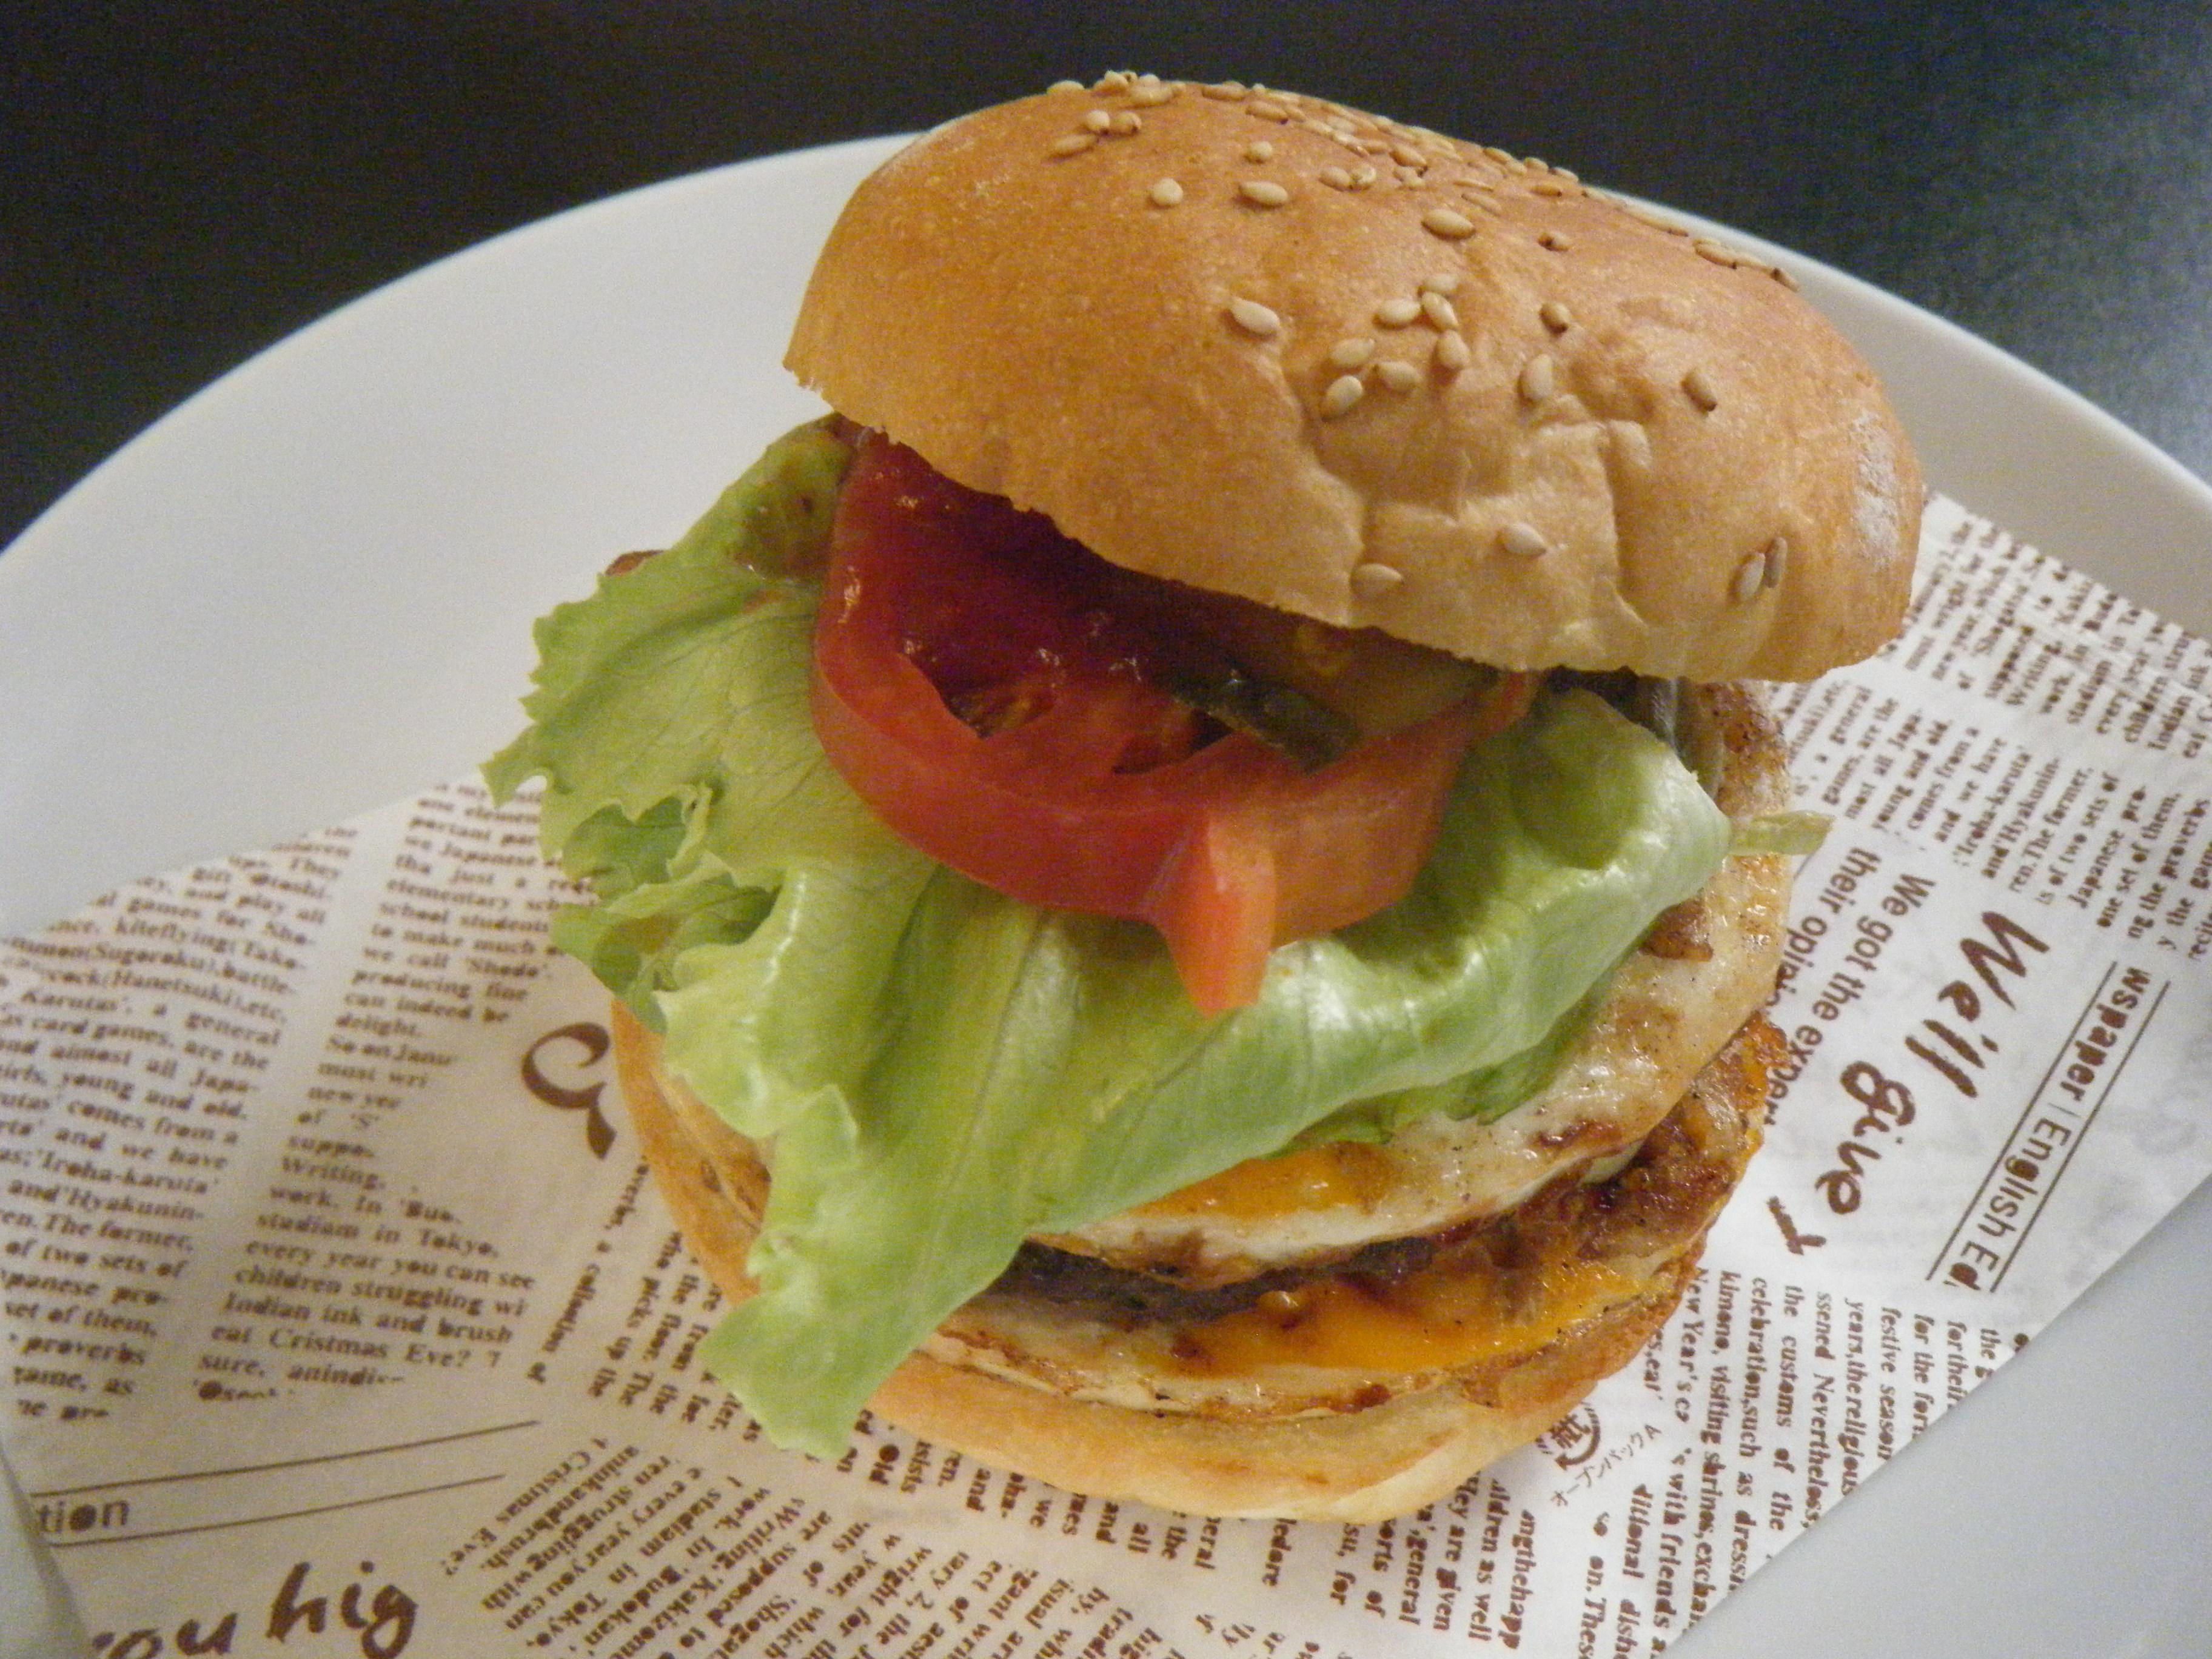 当店1番人気、ボリューミーなダイナーバーガー!手作りパティ、ベーコンエッグ、2枚のチーズとたっぷり食べごたえのあるバーガーです。